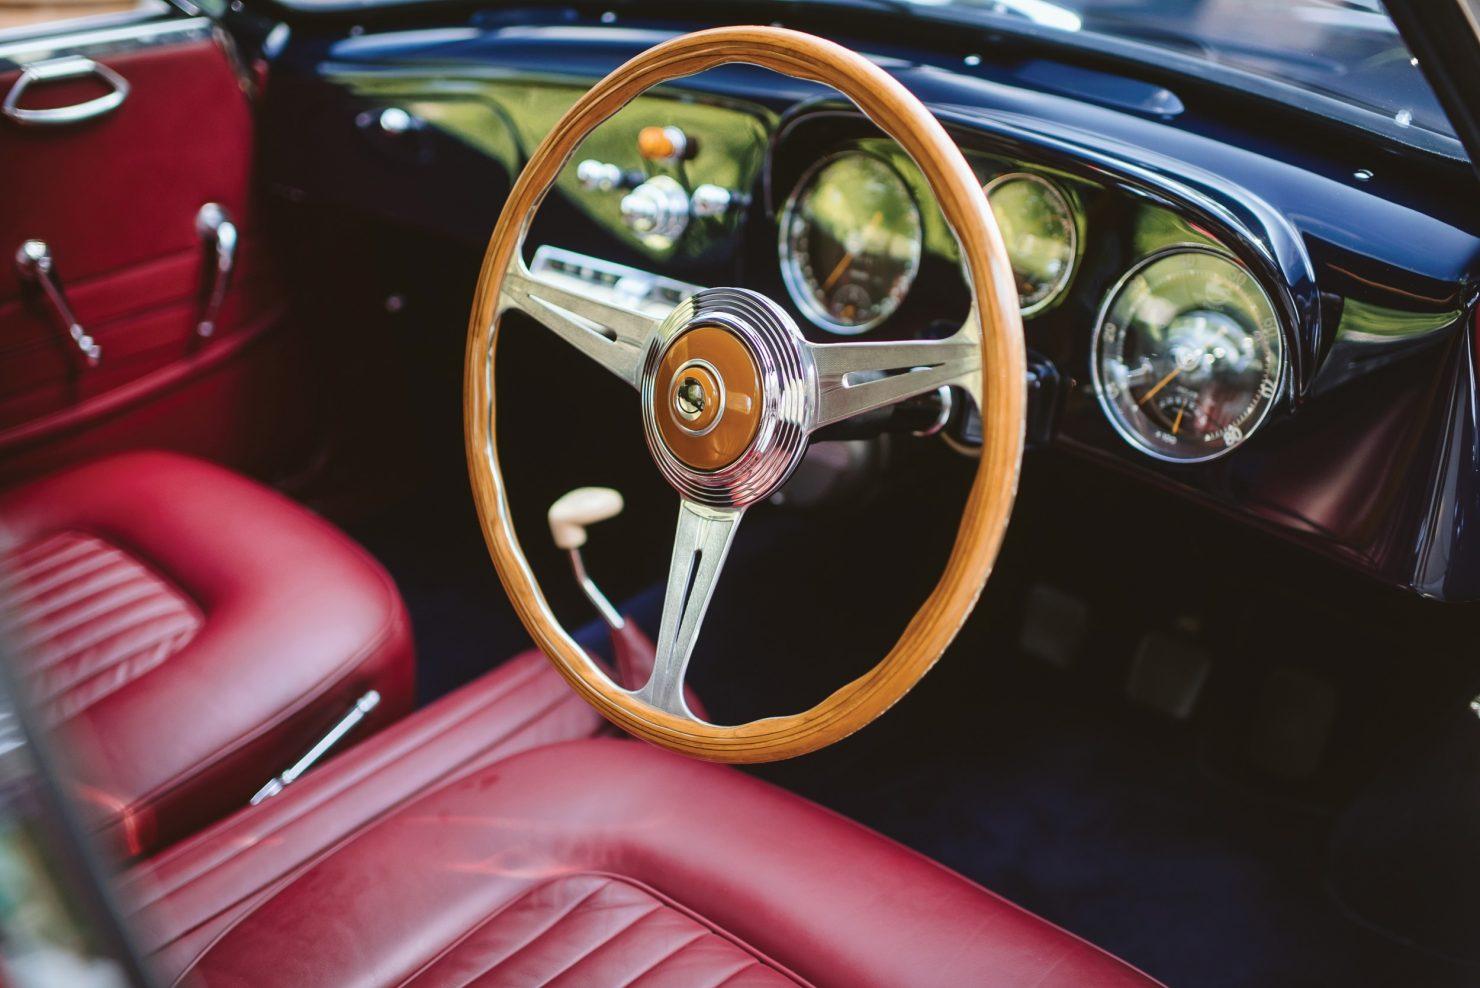 pegaso z 102 car 4 1480x988 - 1954 Pegaso Z-102 Series II Saoutchik